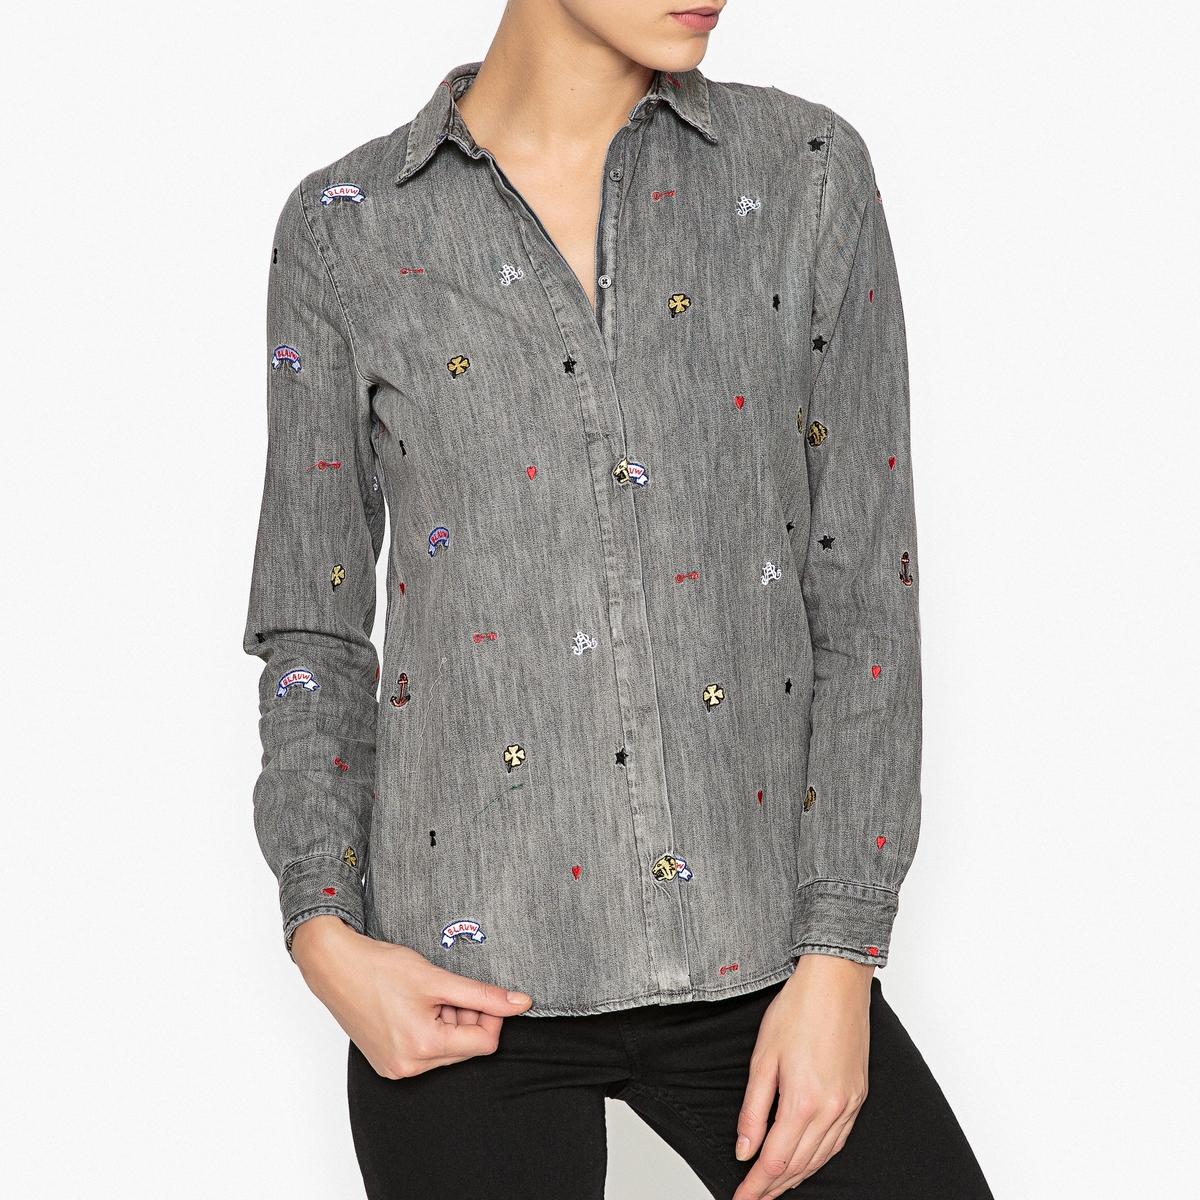 Рубашка из серого денима с вышивкойРубашка с длинными рукавами из серого денима, 100% хлопок MAISON SCOTCH, с вышивкой подпись.Детали  •  Длинные рукава •  Прямой покрой •  Воротник-поло, рубашечныйСостав и уход  •  100% хлопок •  Следуйте рекомендациям по уходу, указанным на этикетке изделия •  Манжеты на пуговицах •  Вышивка подпись •  Скрытая застежка на пуговицы<br><br>Цвет: серый<br>Размер: XL